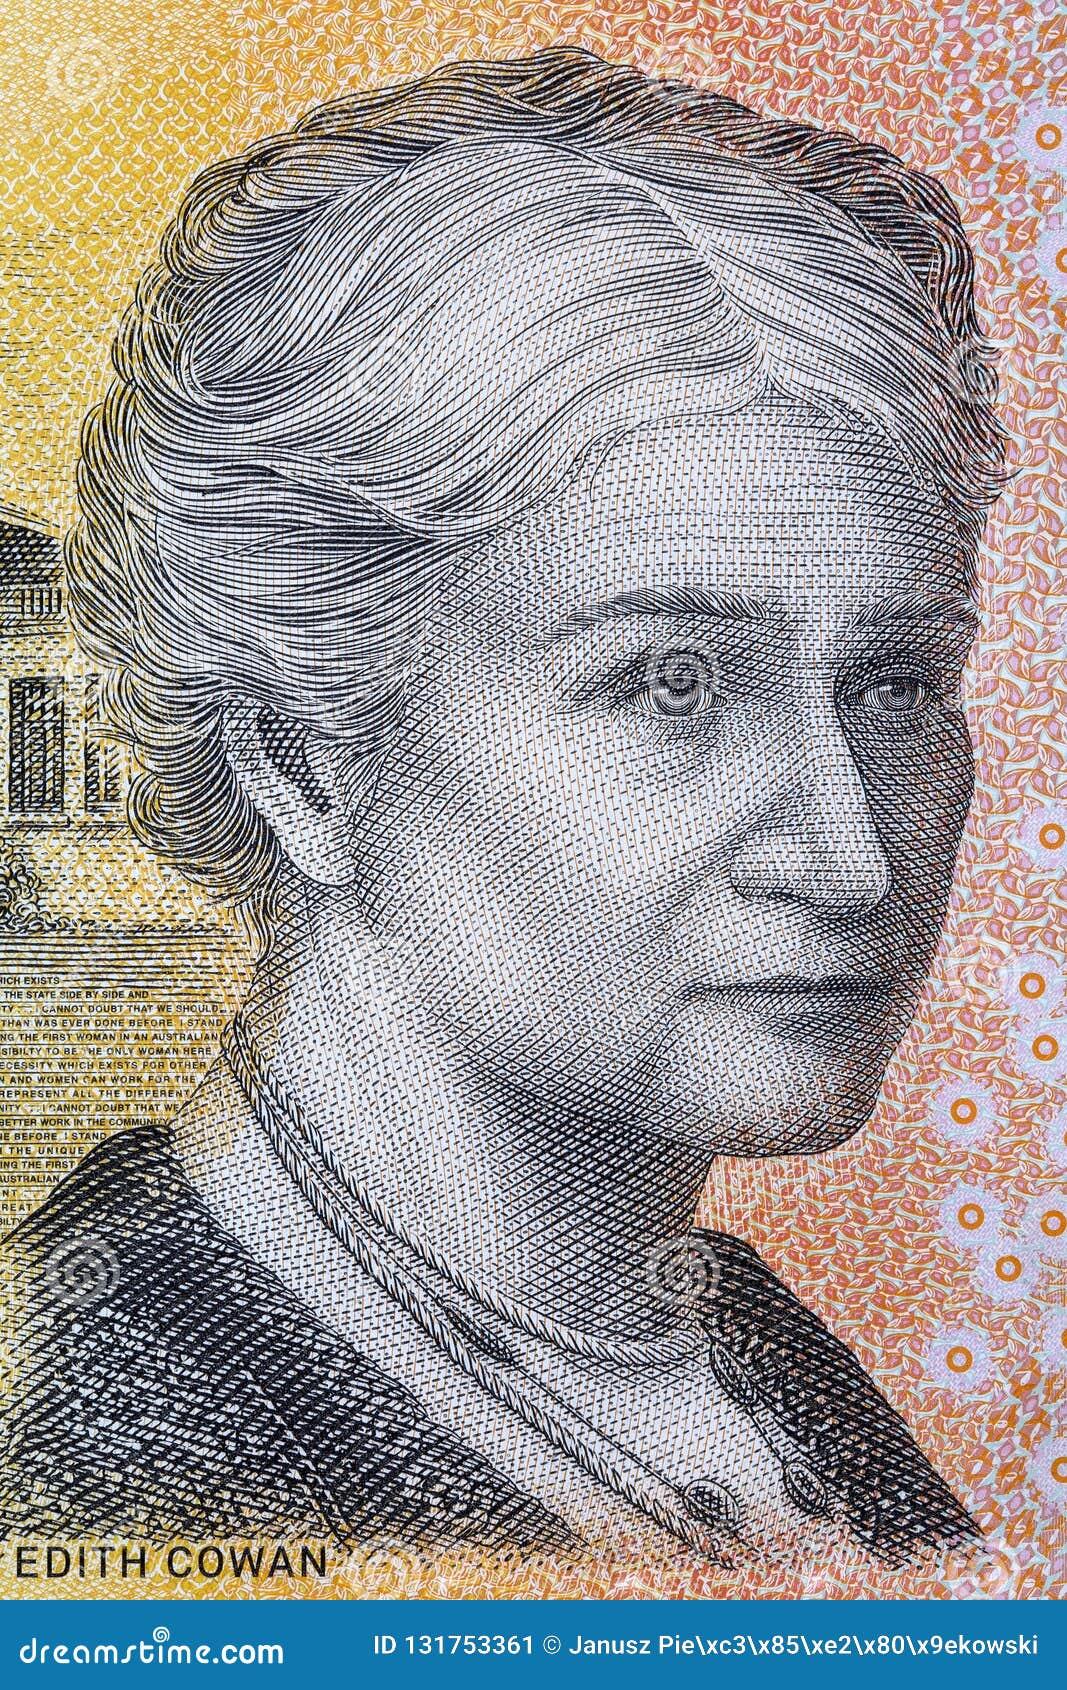 Edith Cowan een portret